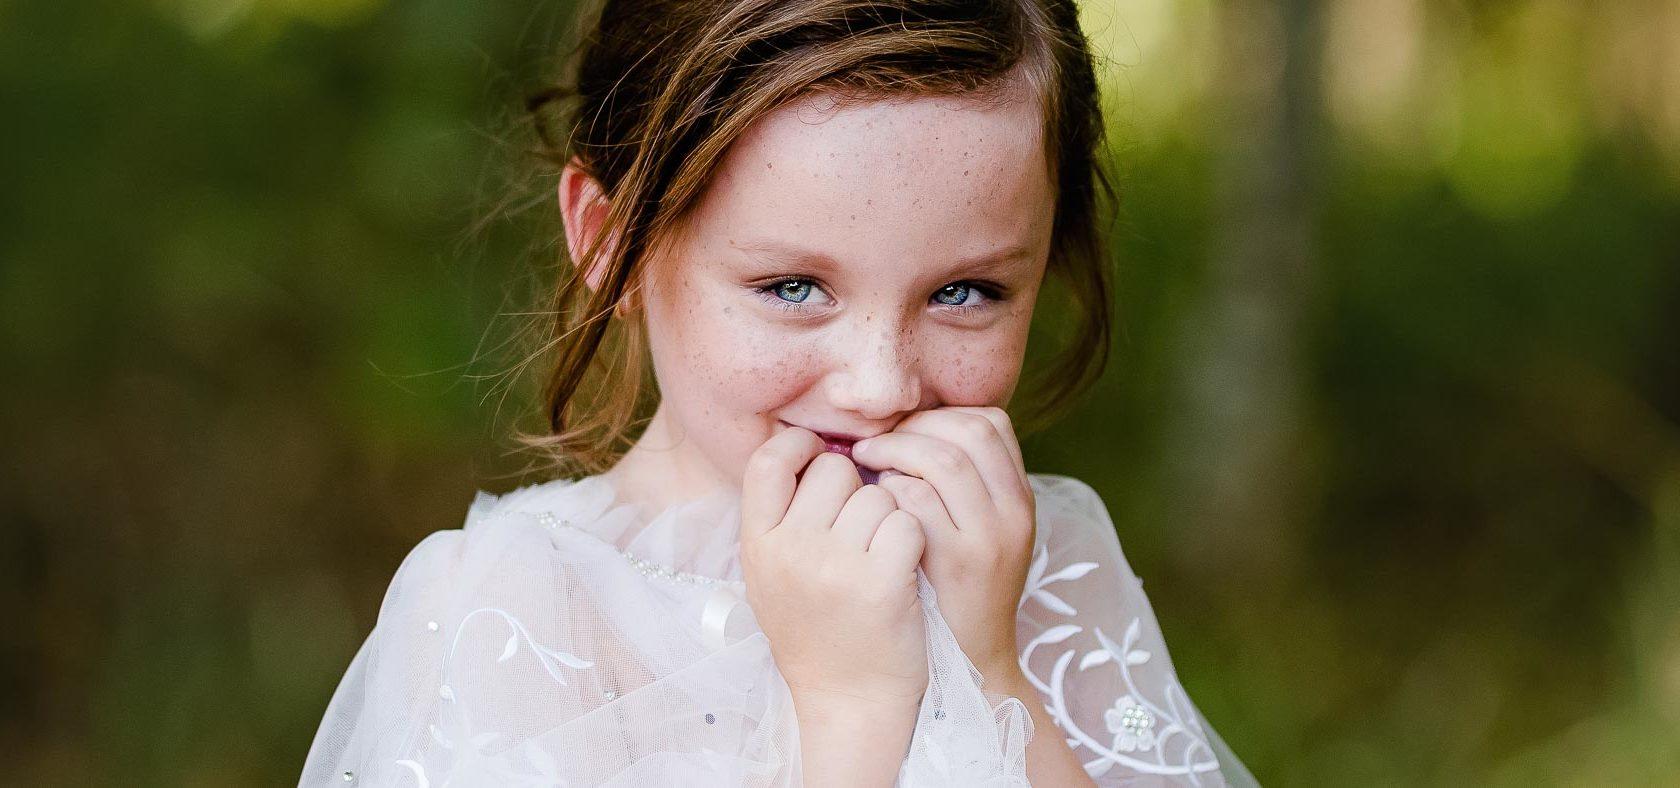 Sommersprossen, Anke Benen Photography, Kinderfotografie, das besondere Fotoshooting, magische Momente, Mädchen, Fotografie, Lächeln, Dallas